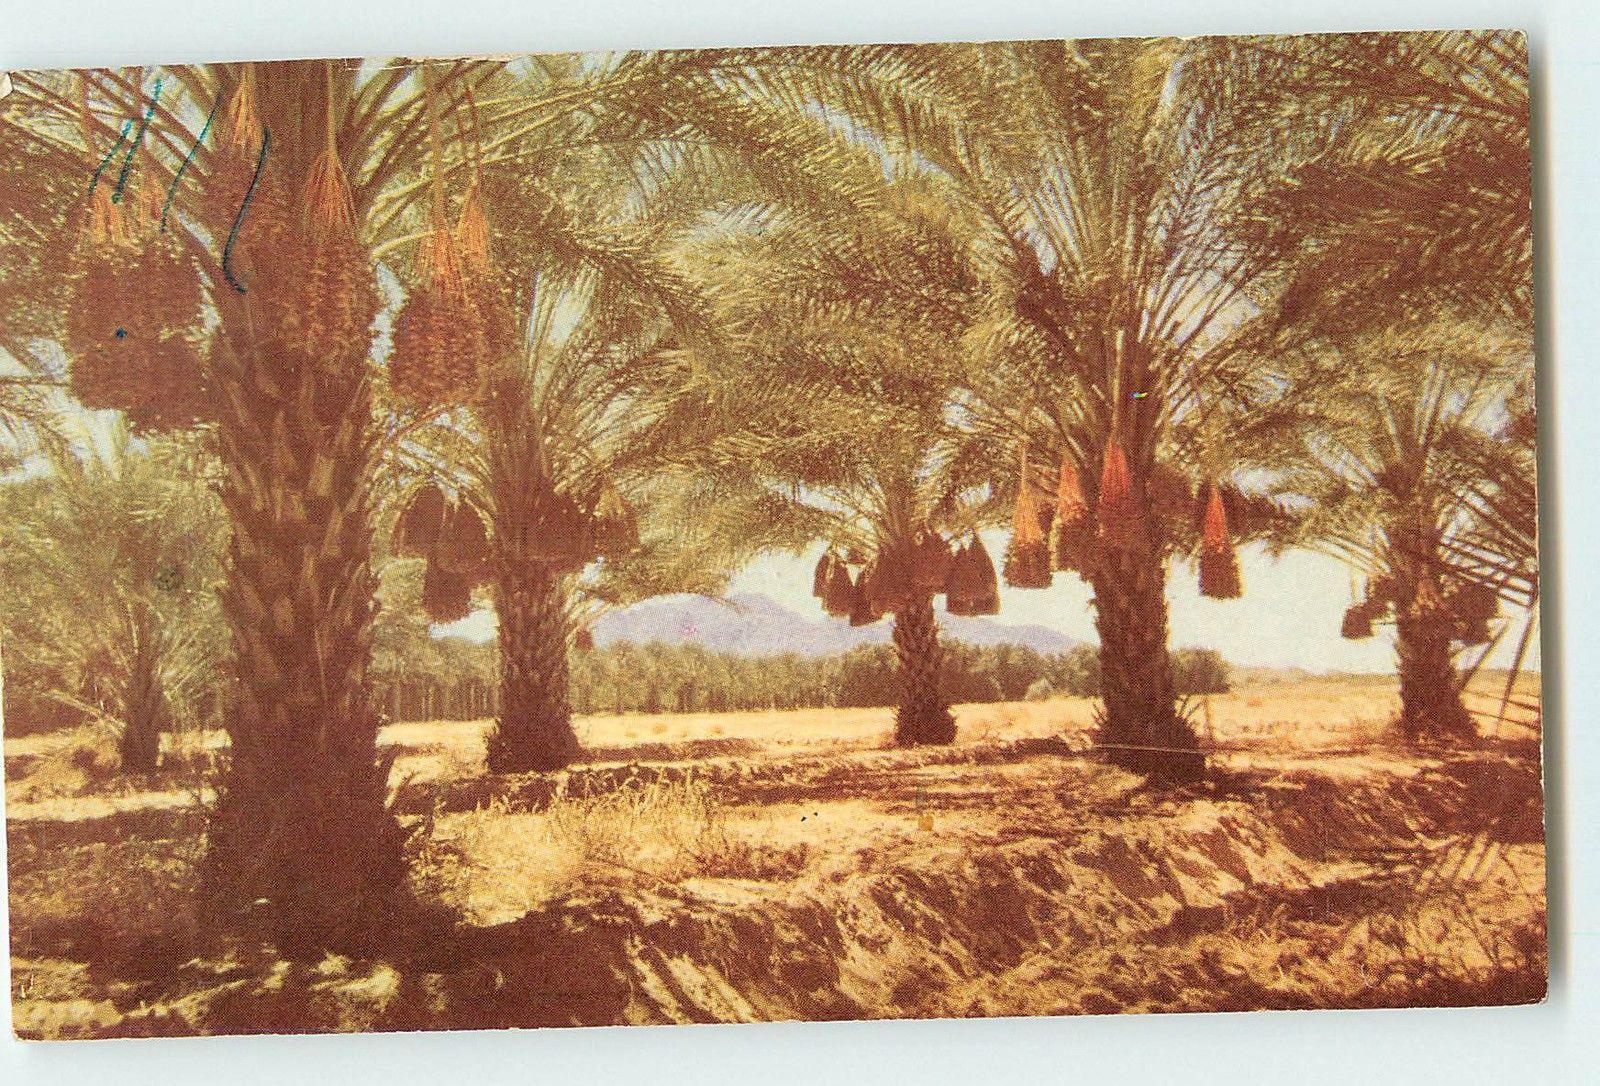 How do date palms grow?